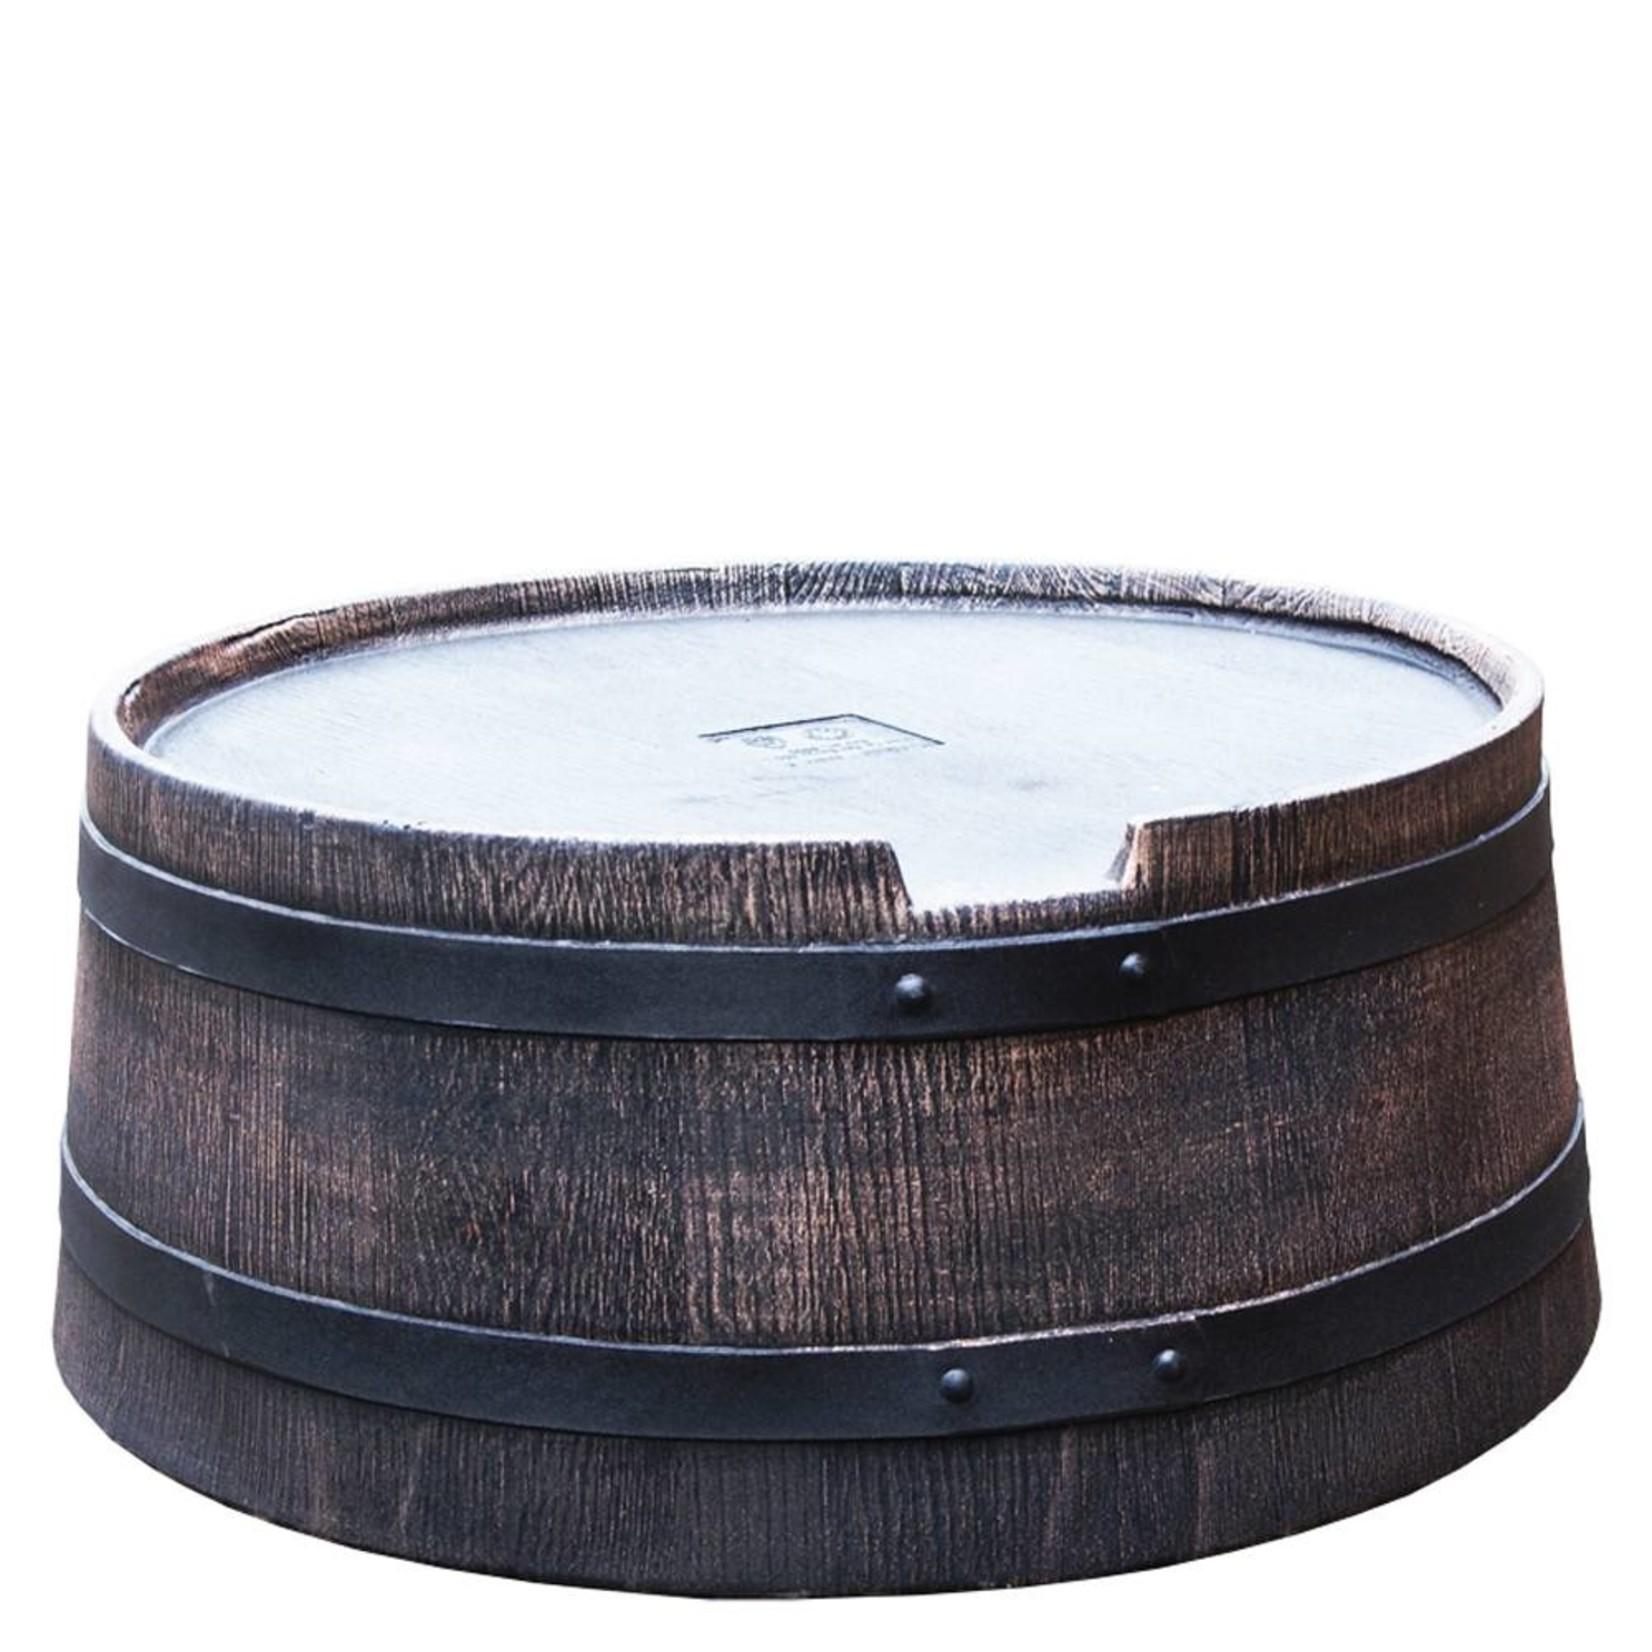 Roto regentonvoet 350 ltr bruin